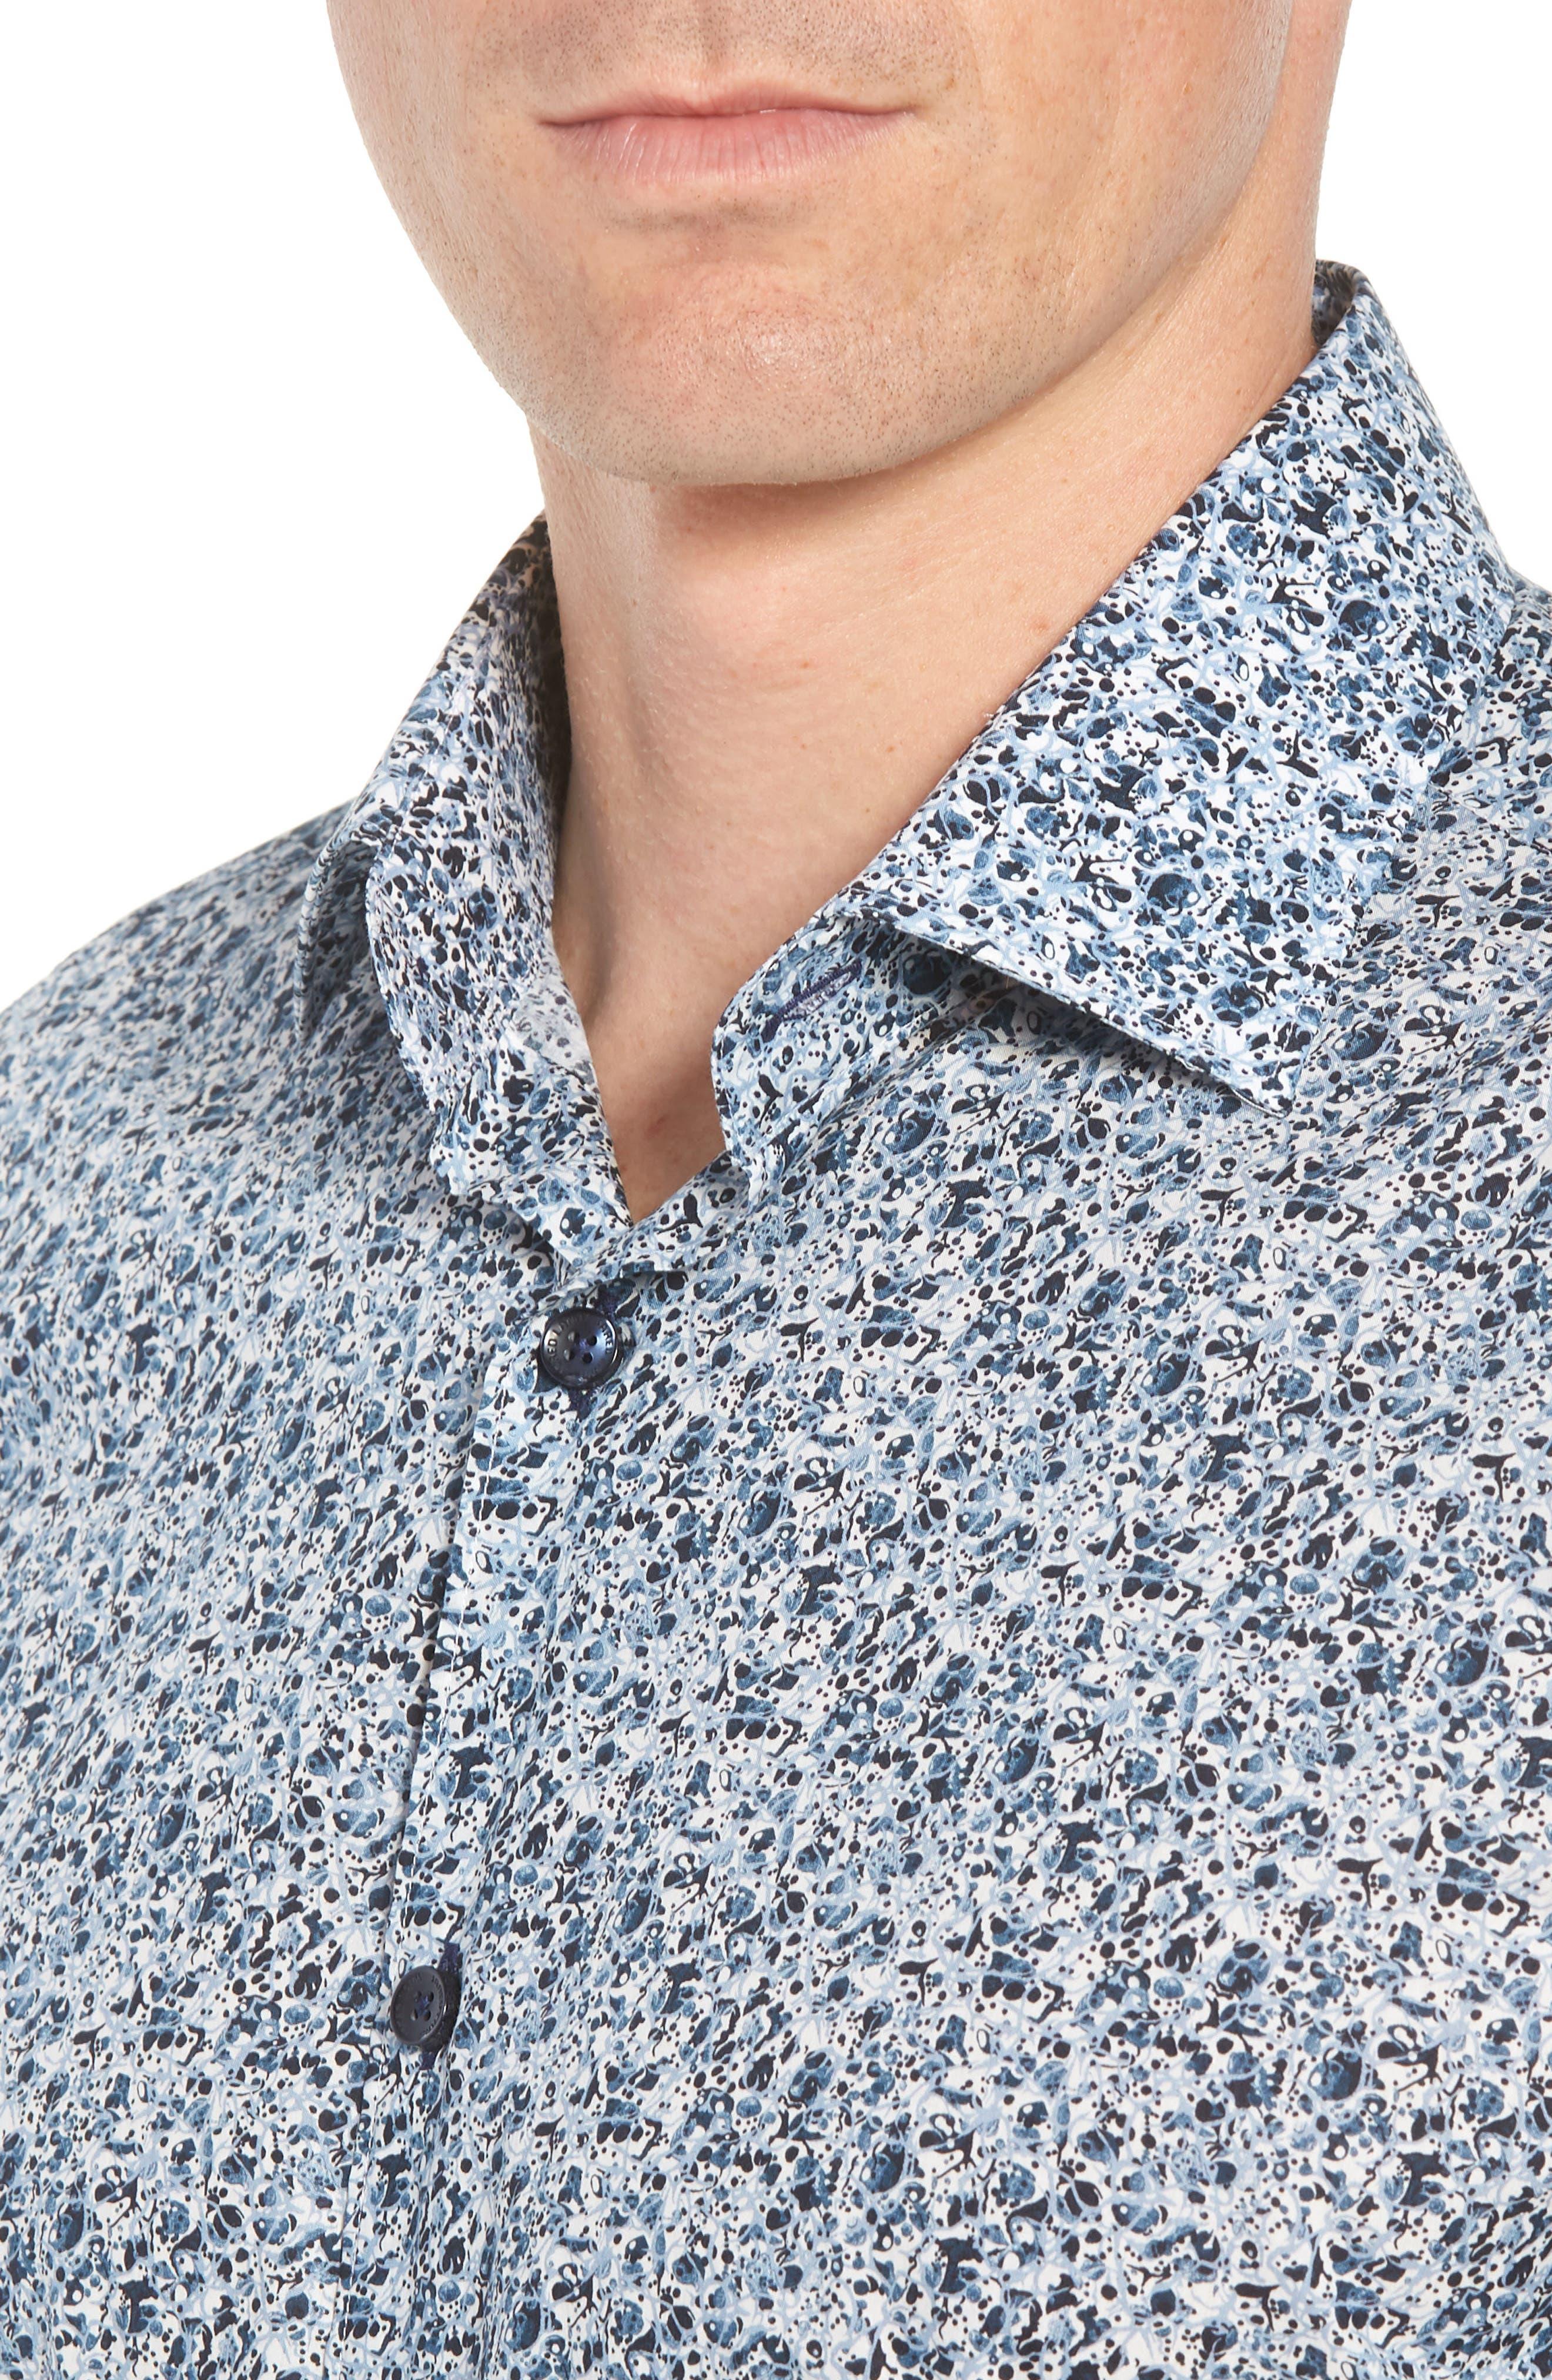 Speckle Print Sport Shirt,                             Alternate thumbnail 4, color,                             BLUE SPECKLE